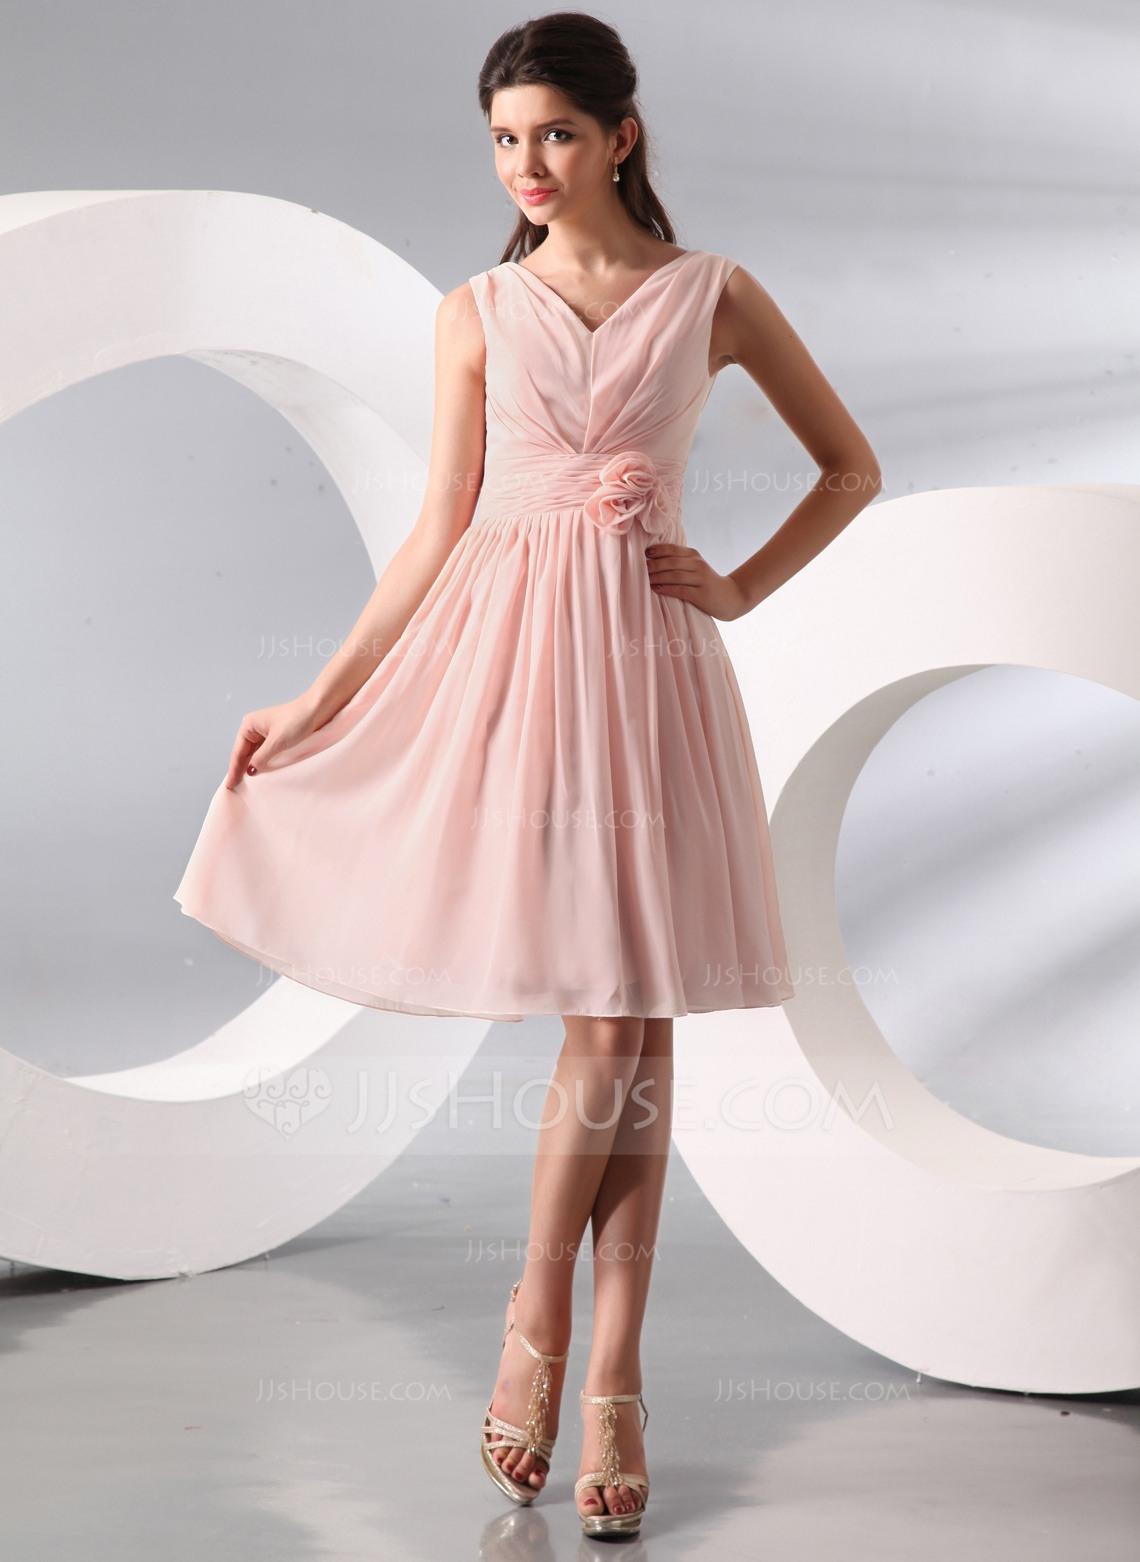 Formal Leicht Elegante Kleider Knielang Mit Arm Galerie17 Luxurius Elegante Kleider Knielang Mit Arm Vertrieb